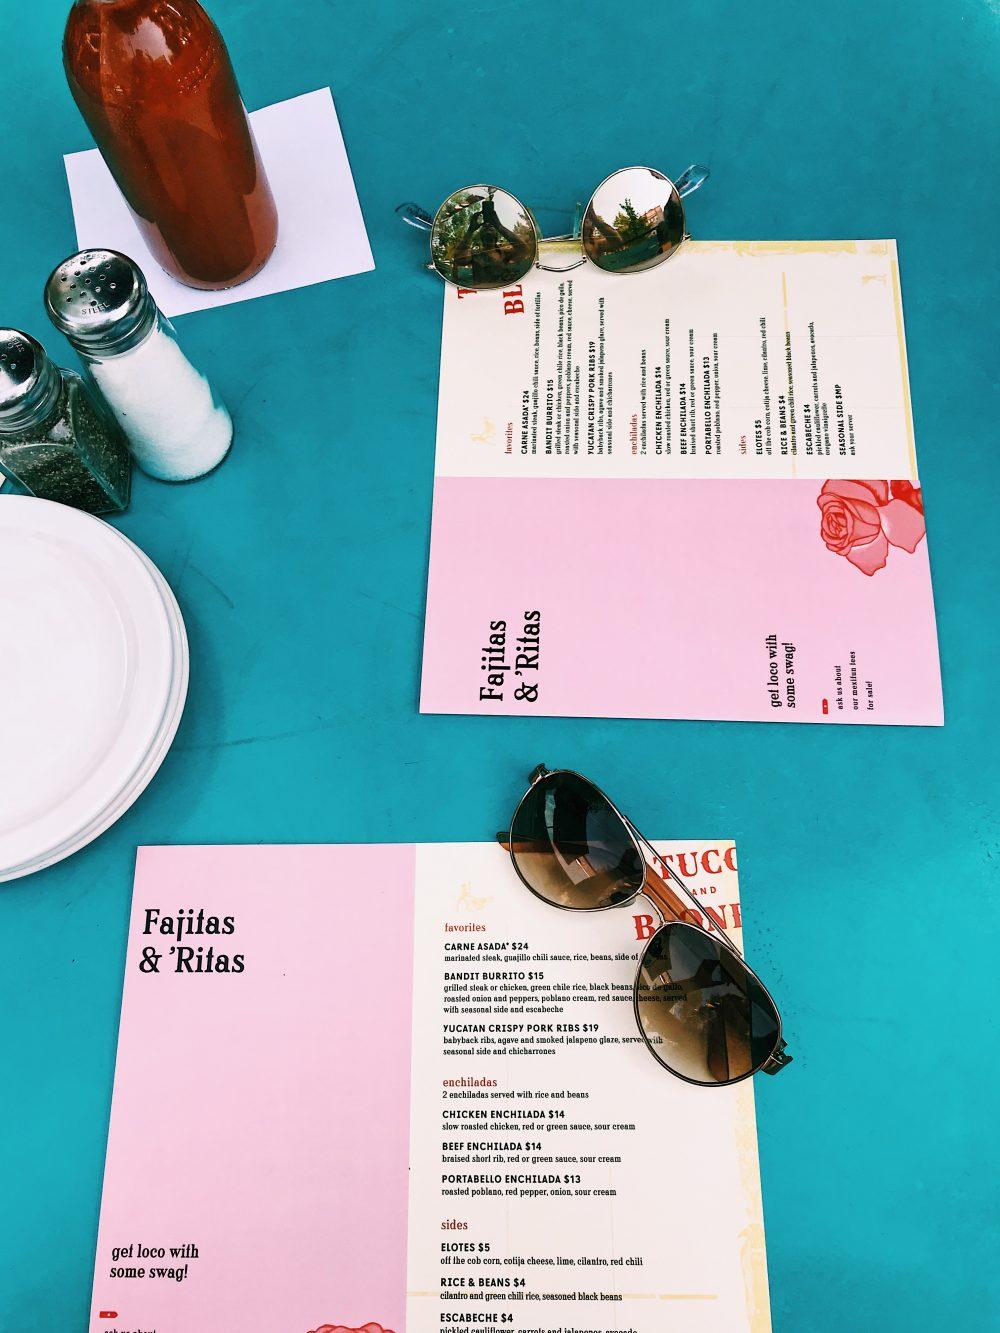 Weekend Favorites: Tuco and Blondie restaurant